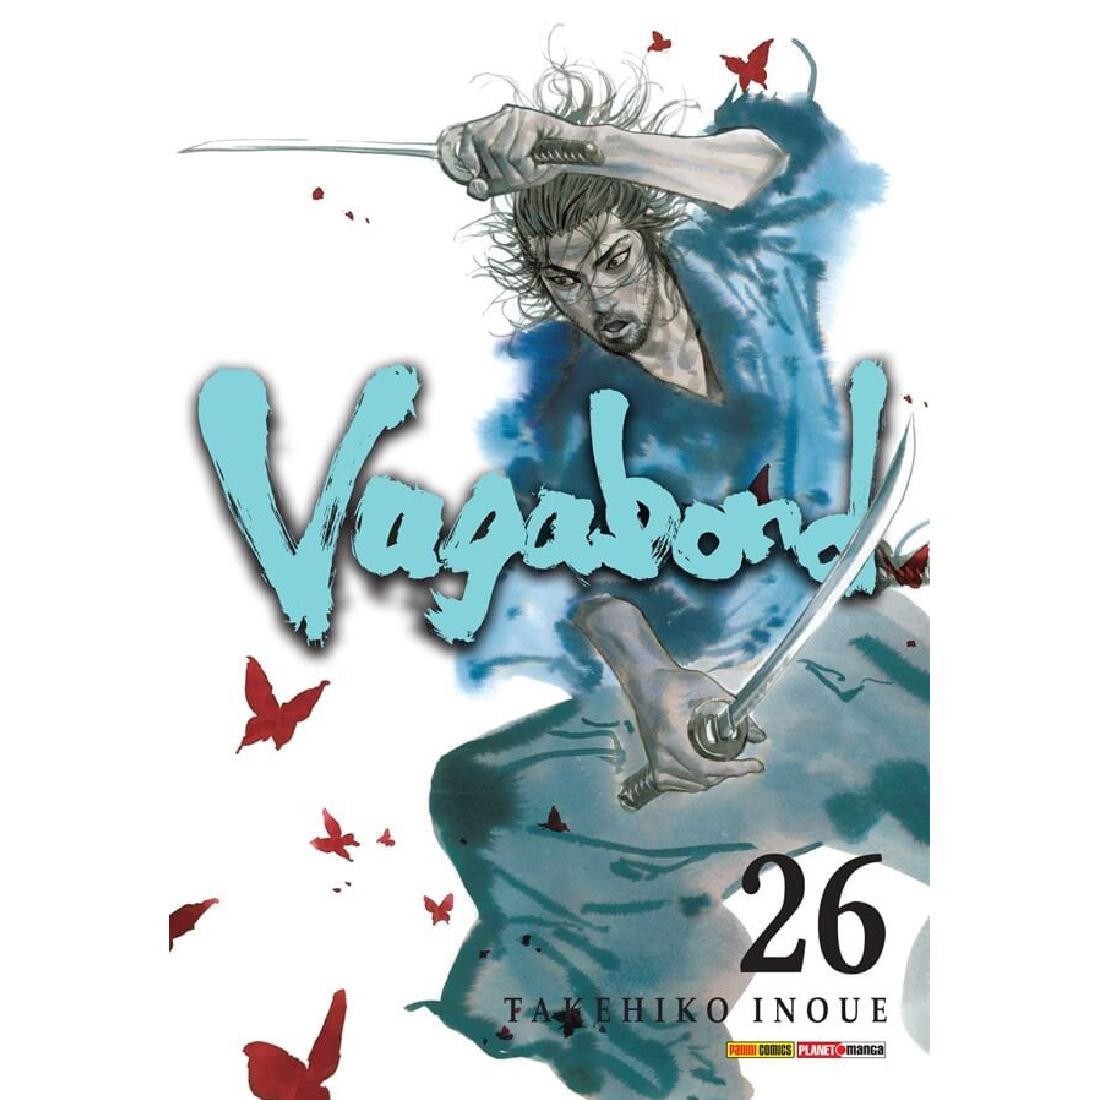 Vagabond Vol. 26